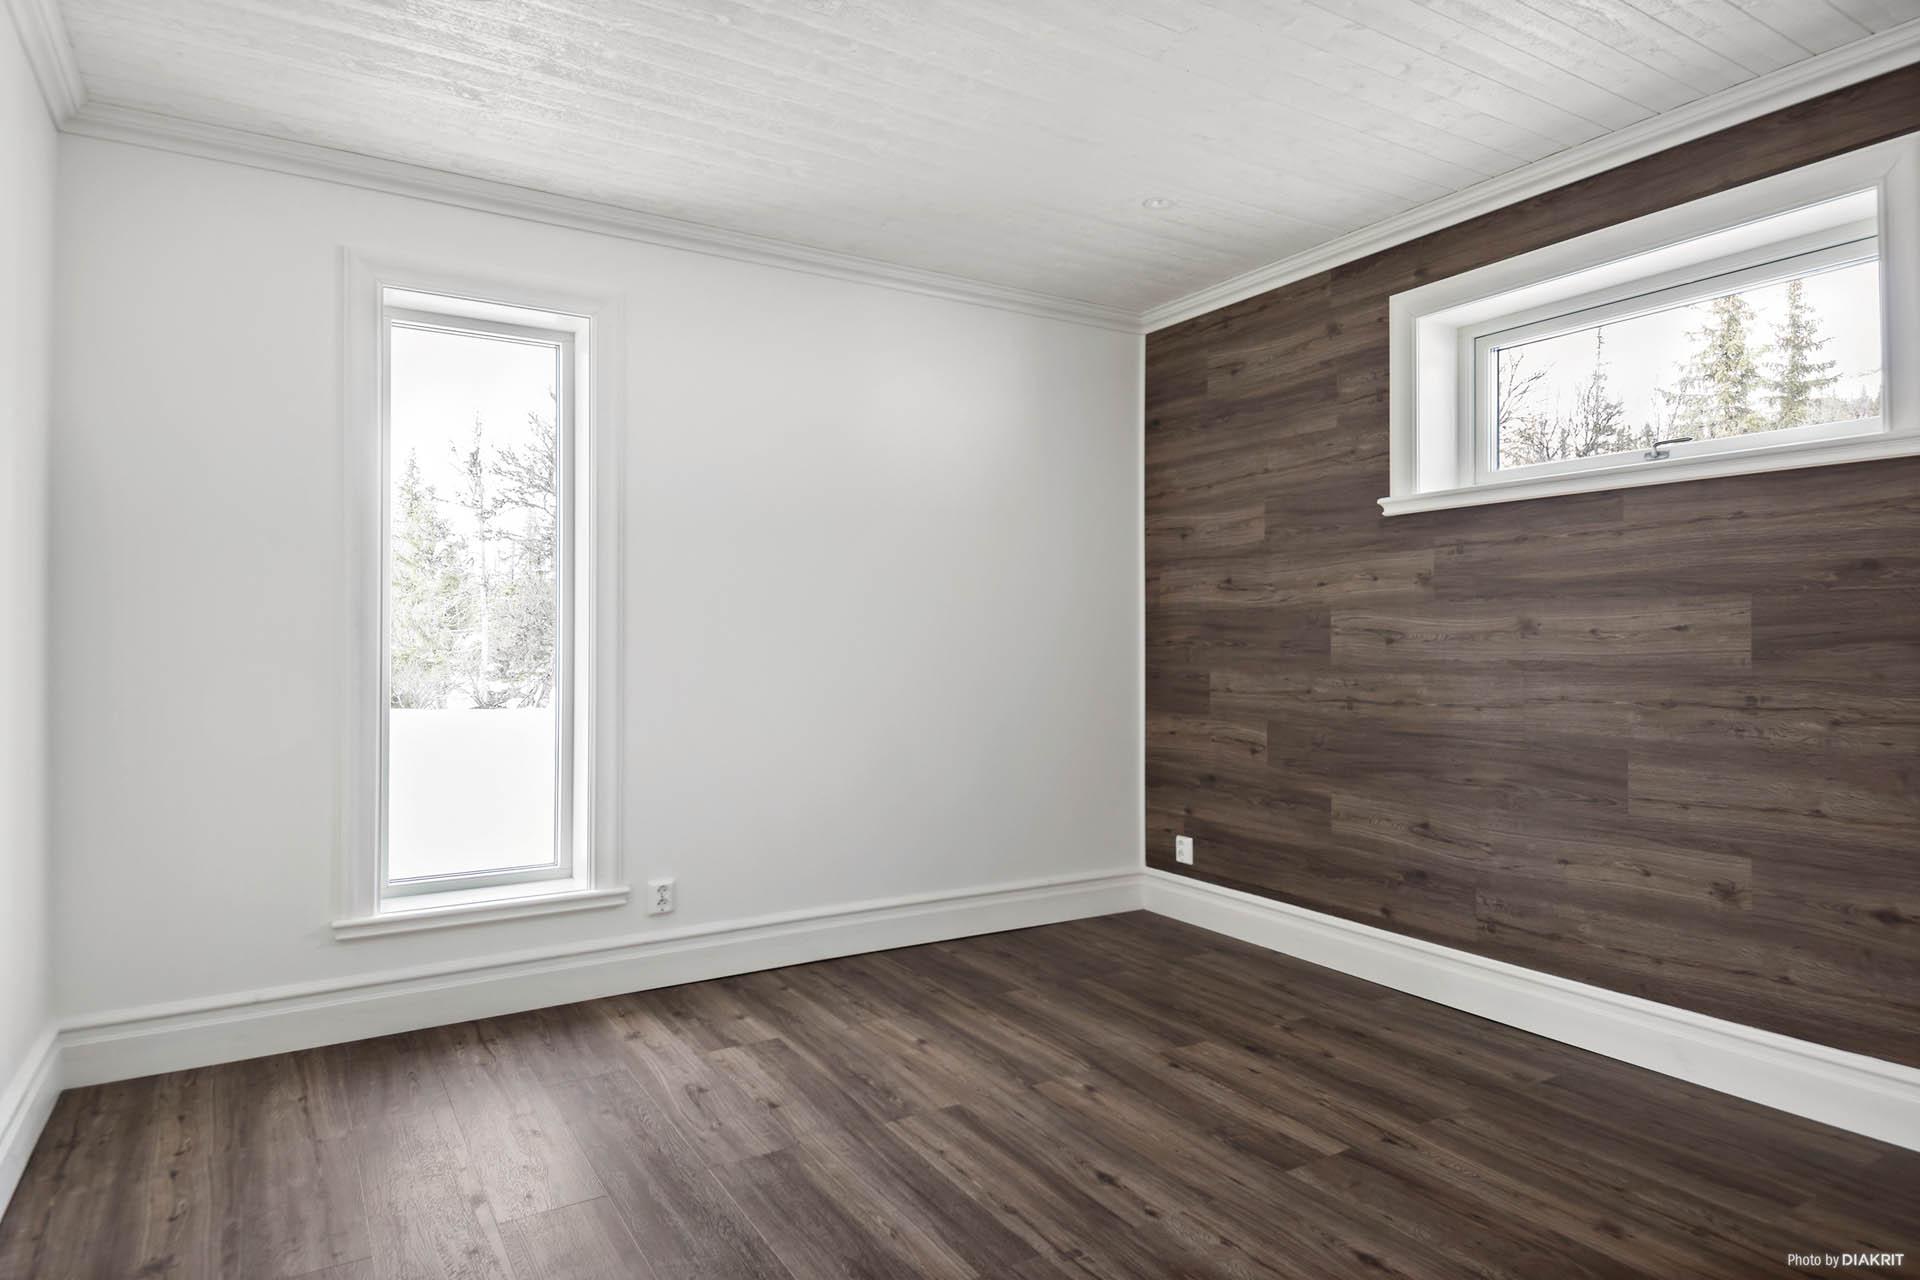 Fondvägg som tillval. Standard är vitmålad träpanel på alla väggar.